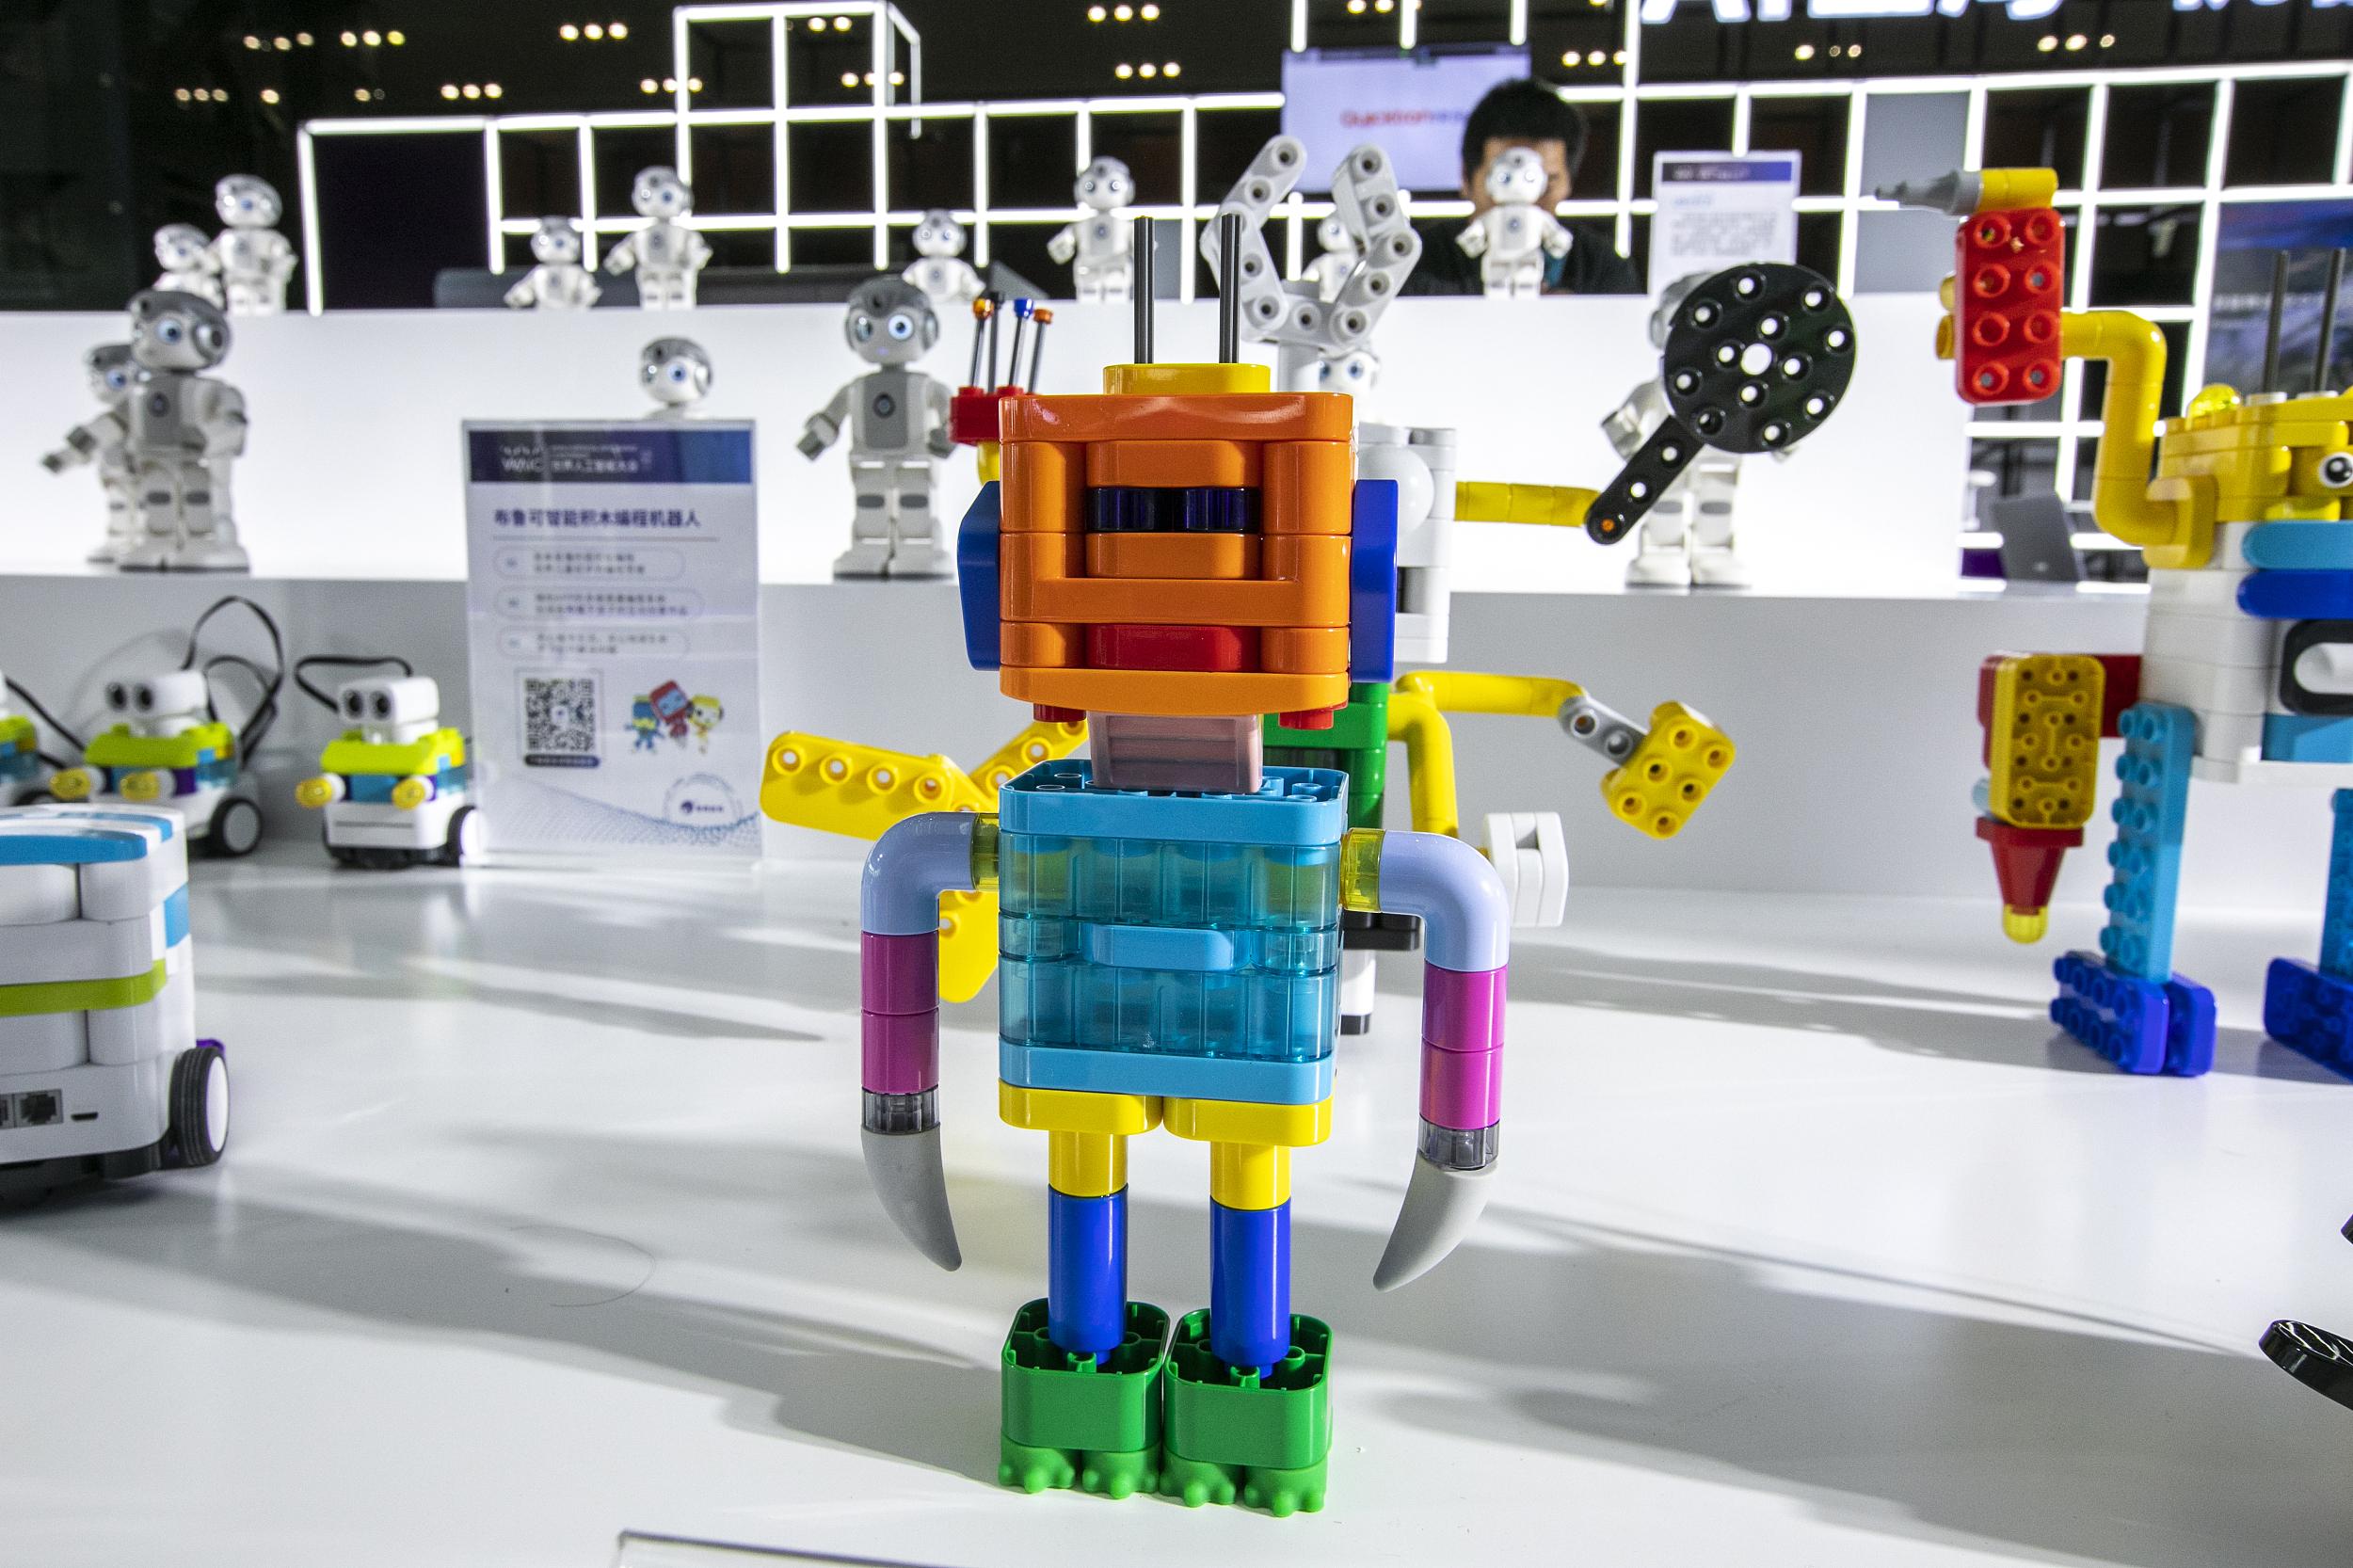 月销量仅1件,网易有道押宝的编程机器人是门好生意吗?